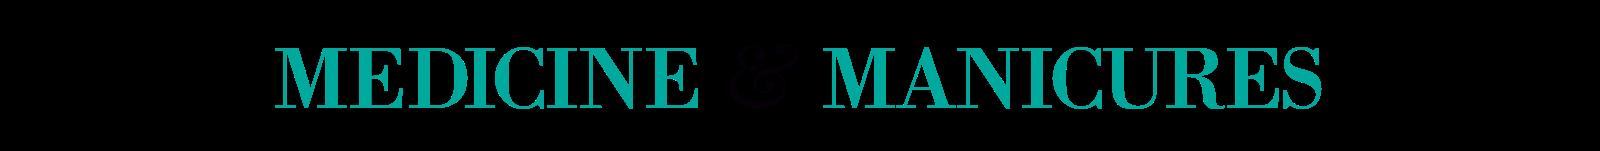 Medicine & Manicures